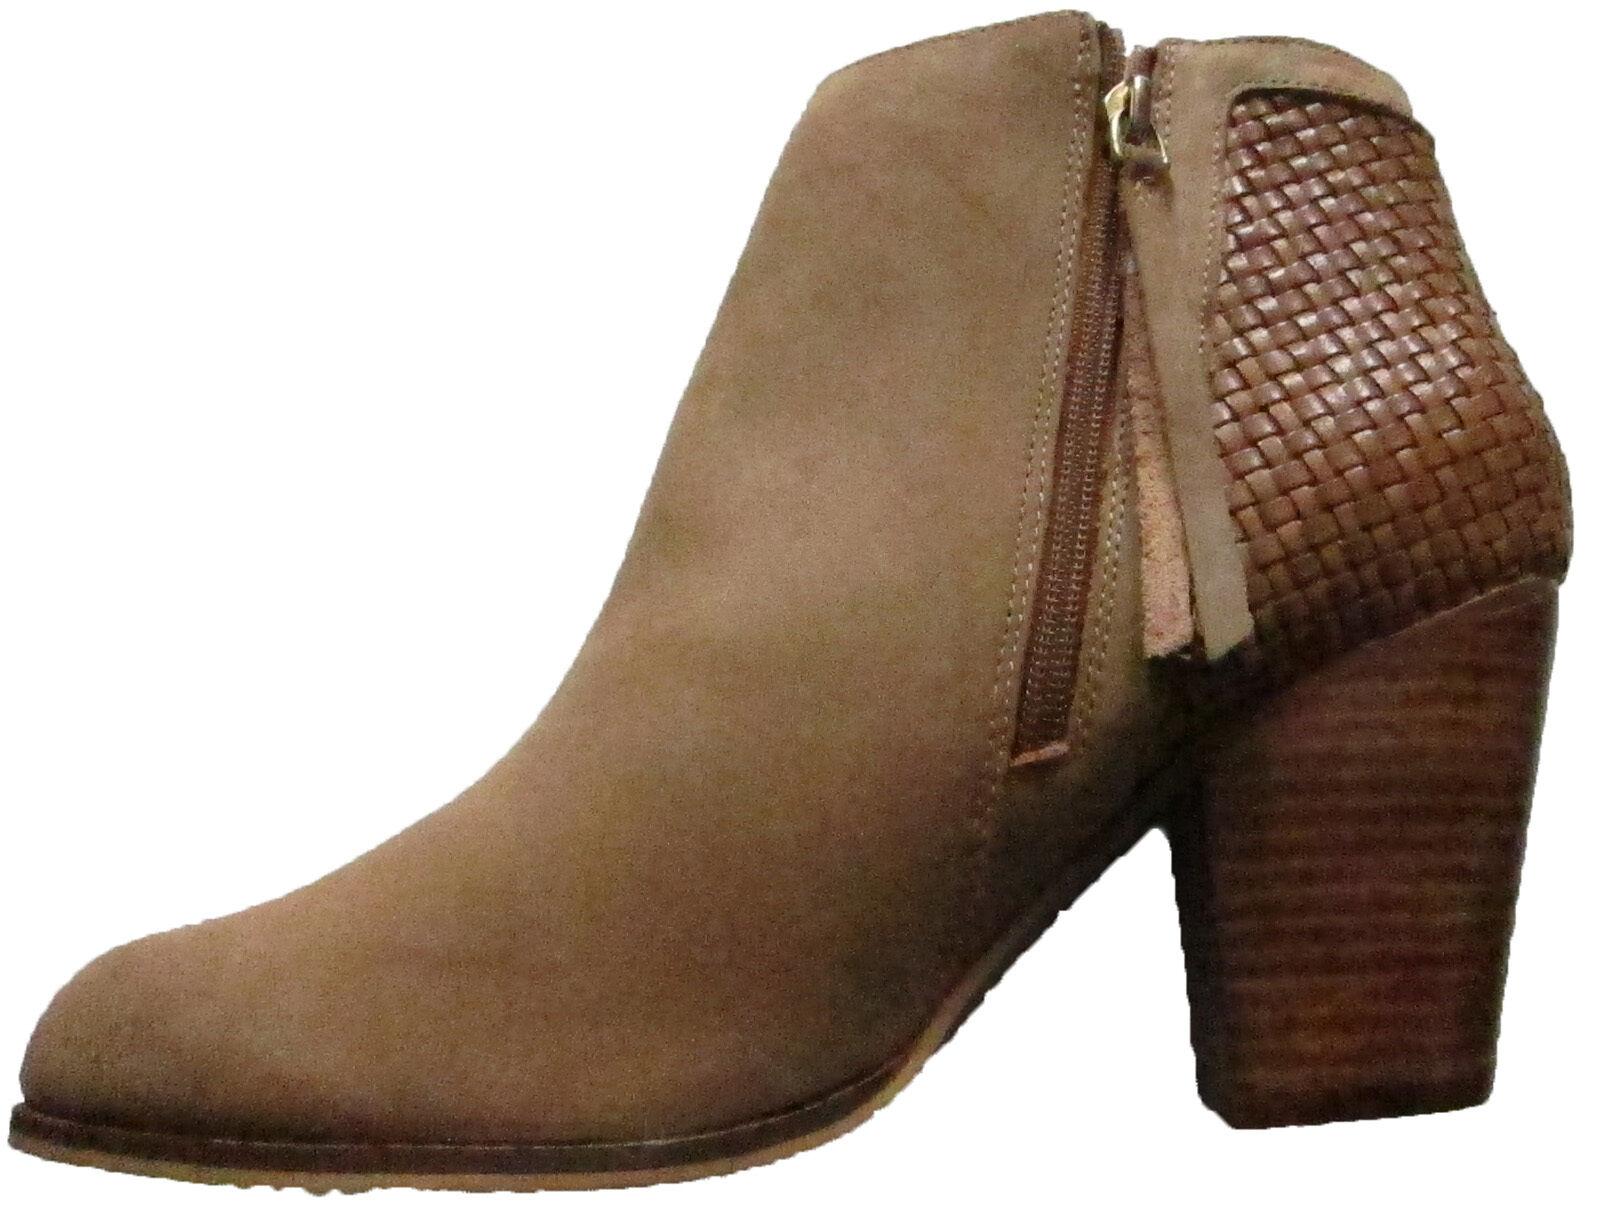 New Damenschuhe Light 7 Braun NEXT Stiefel Größe 7 Light b445b5